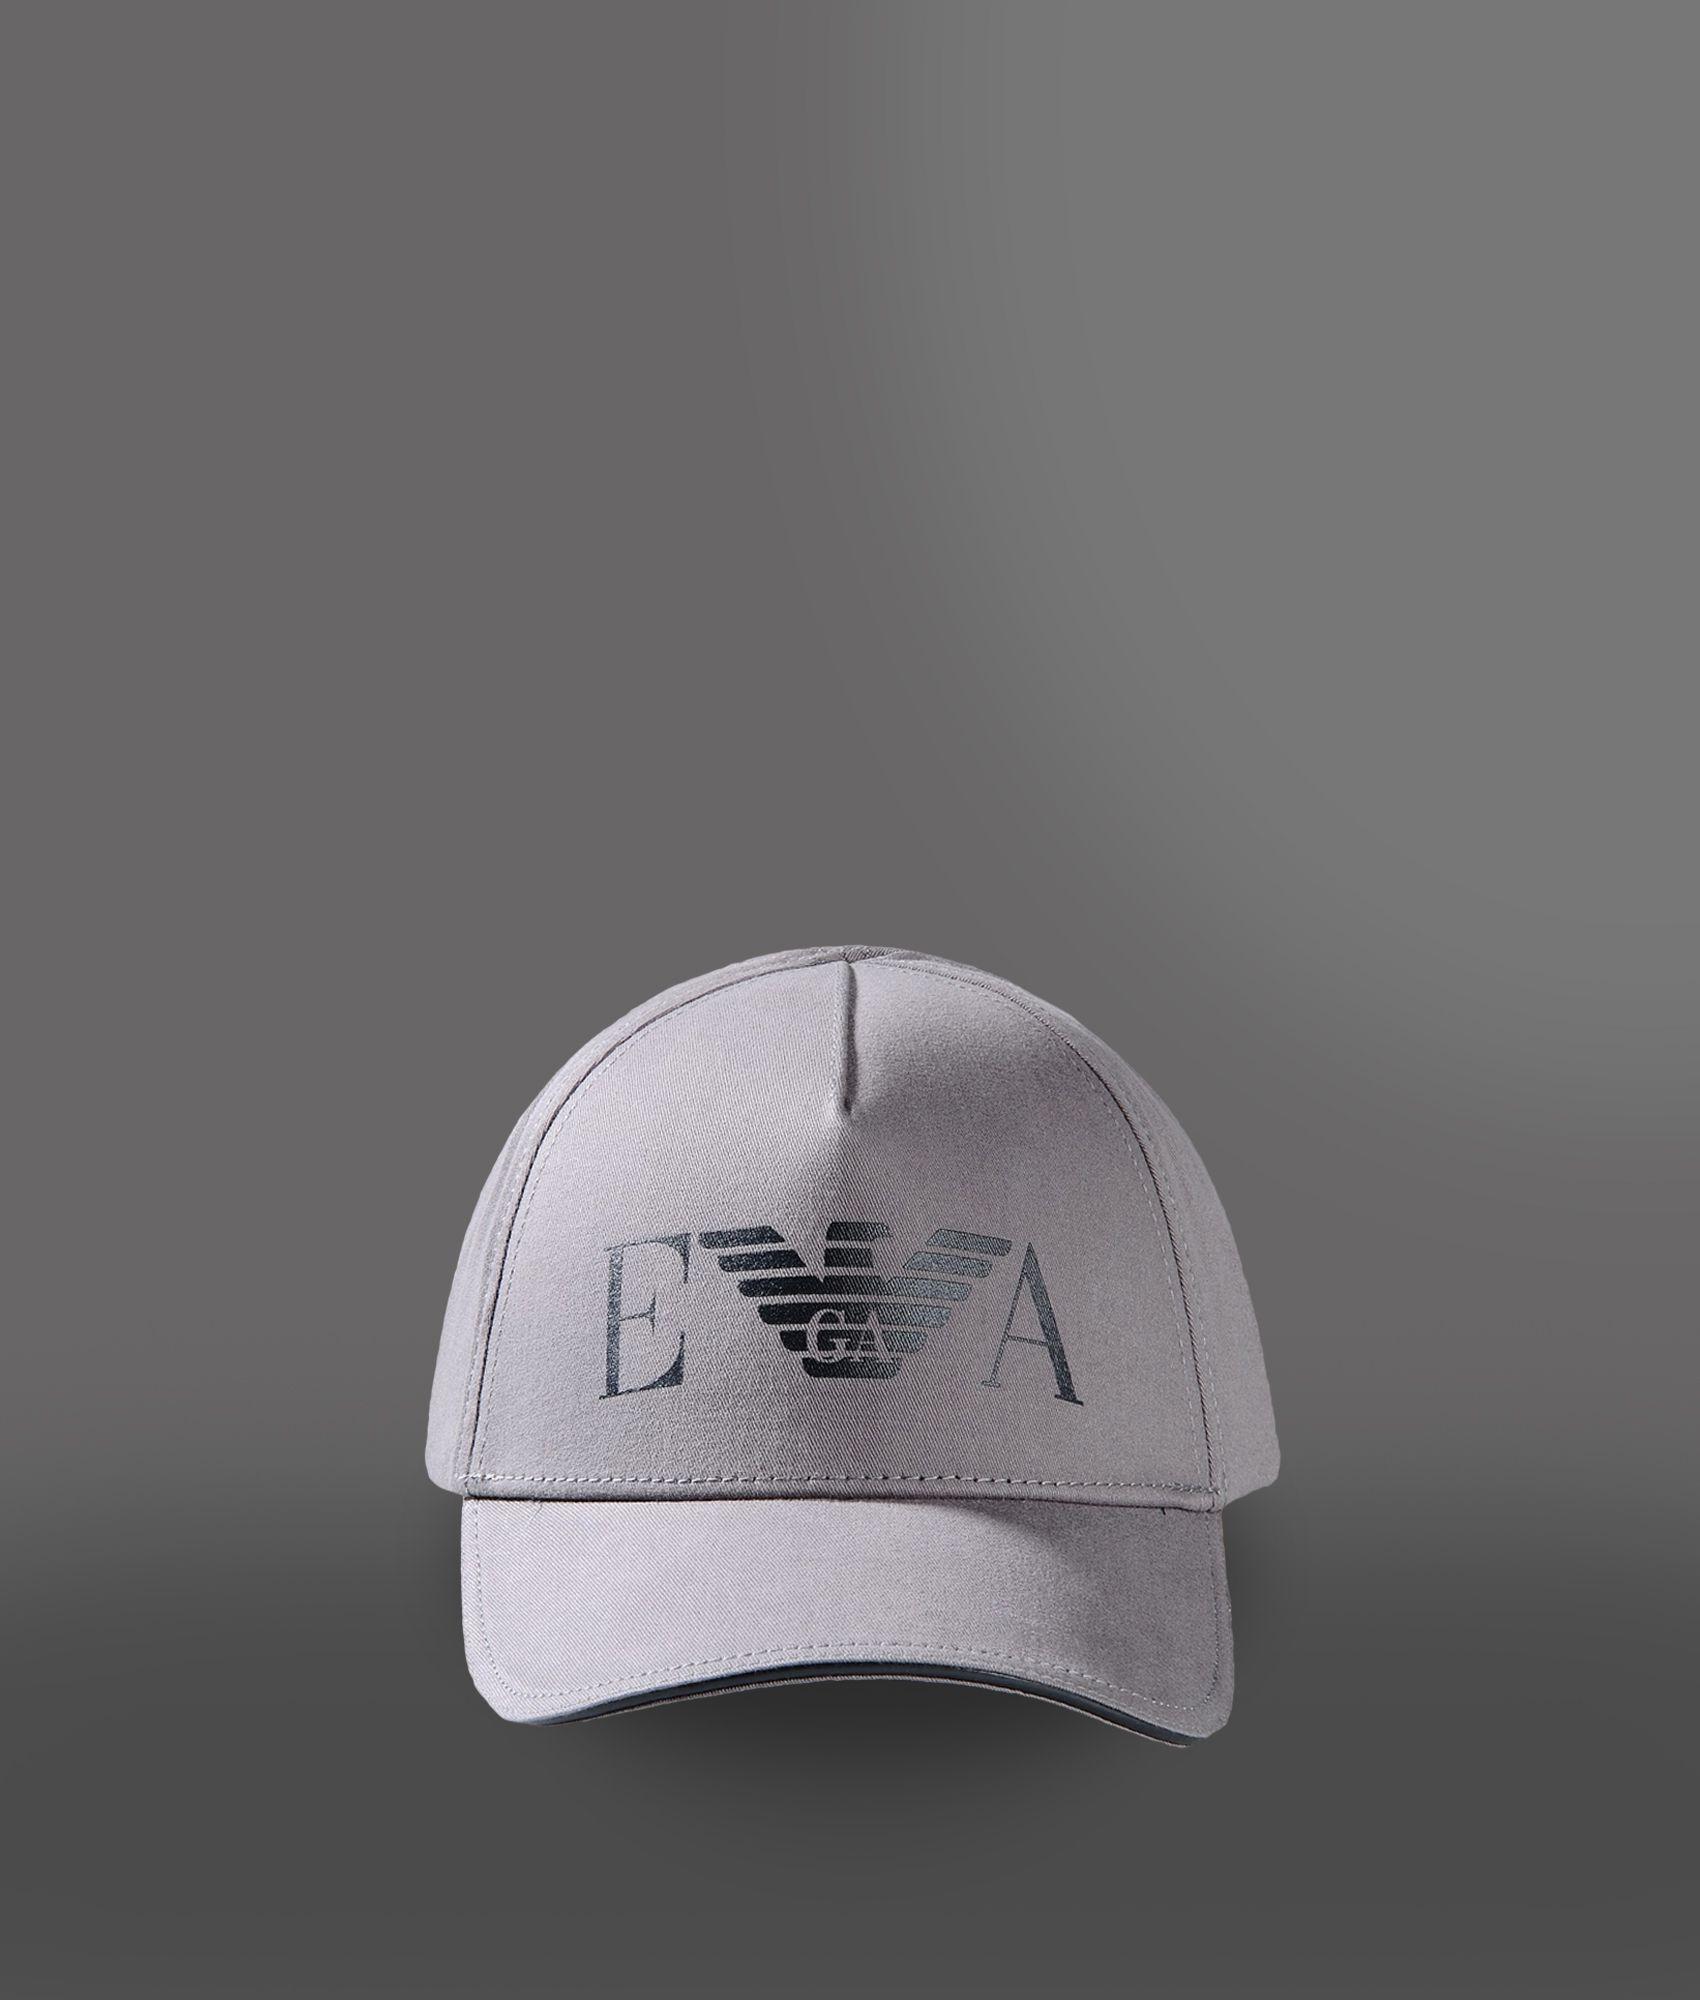 Lyst - Emporio Armani Cap in Gray for Men 0a9b3dc26fa